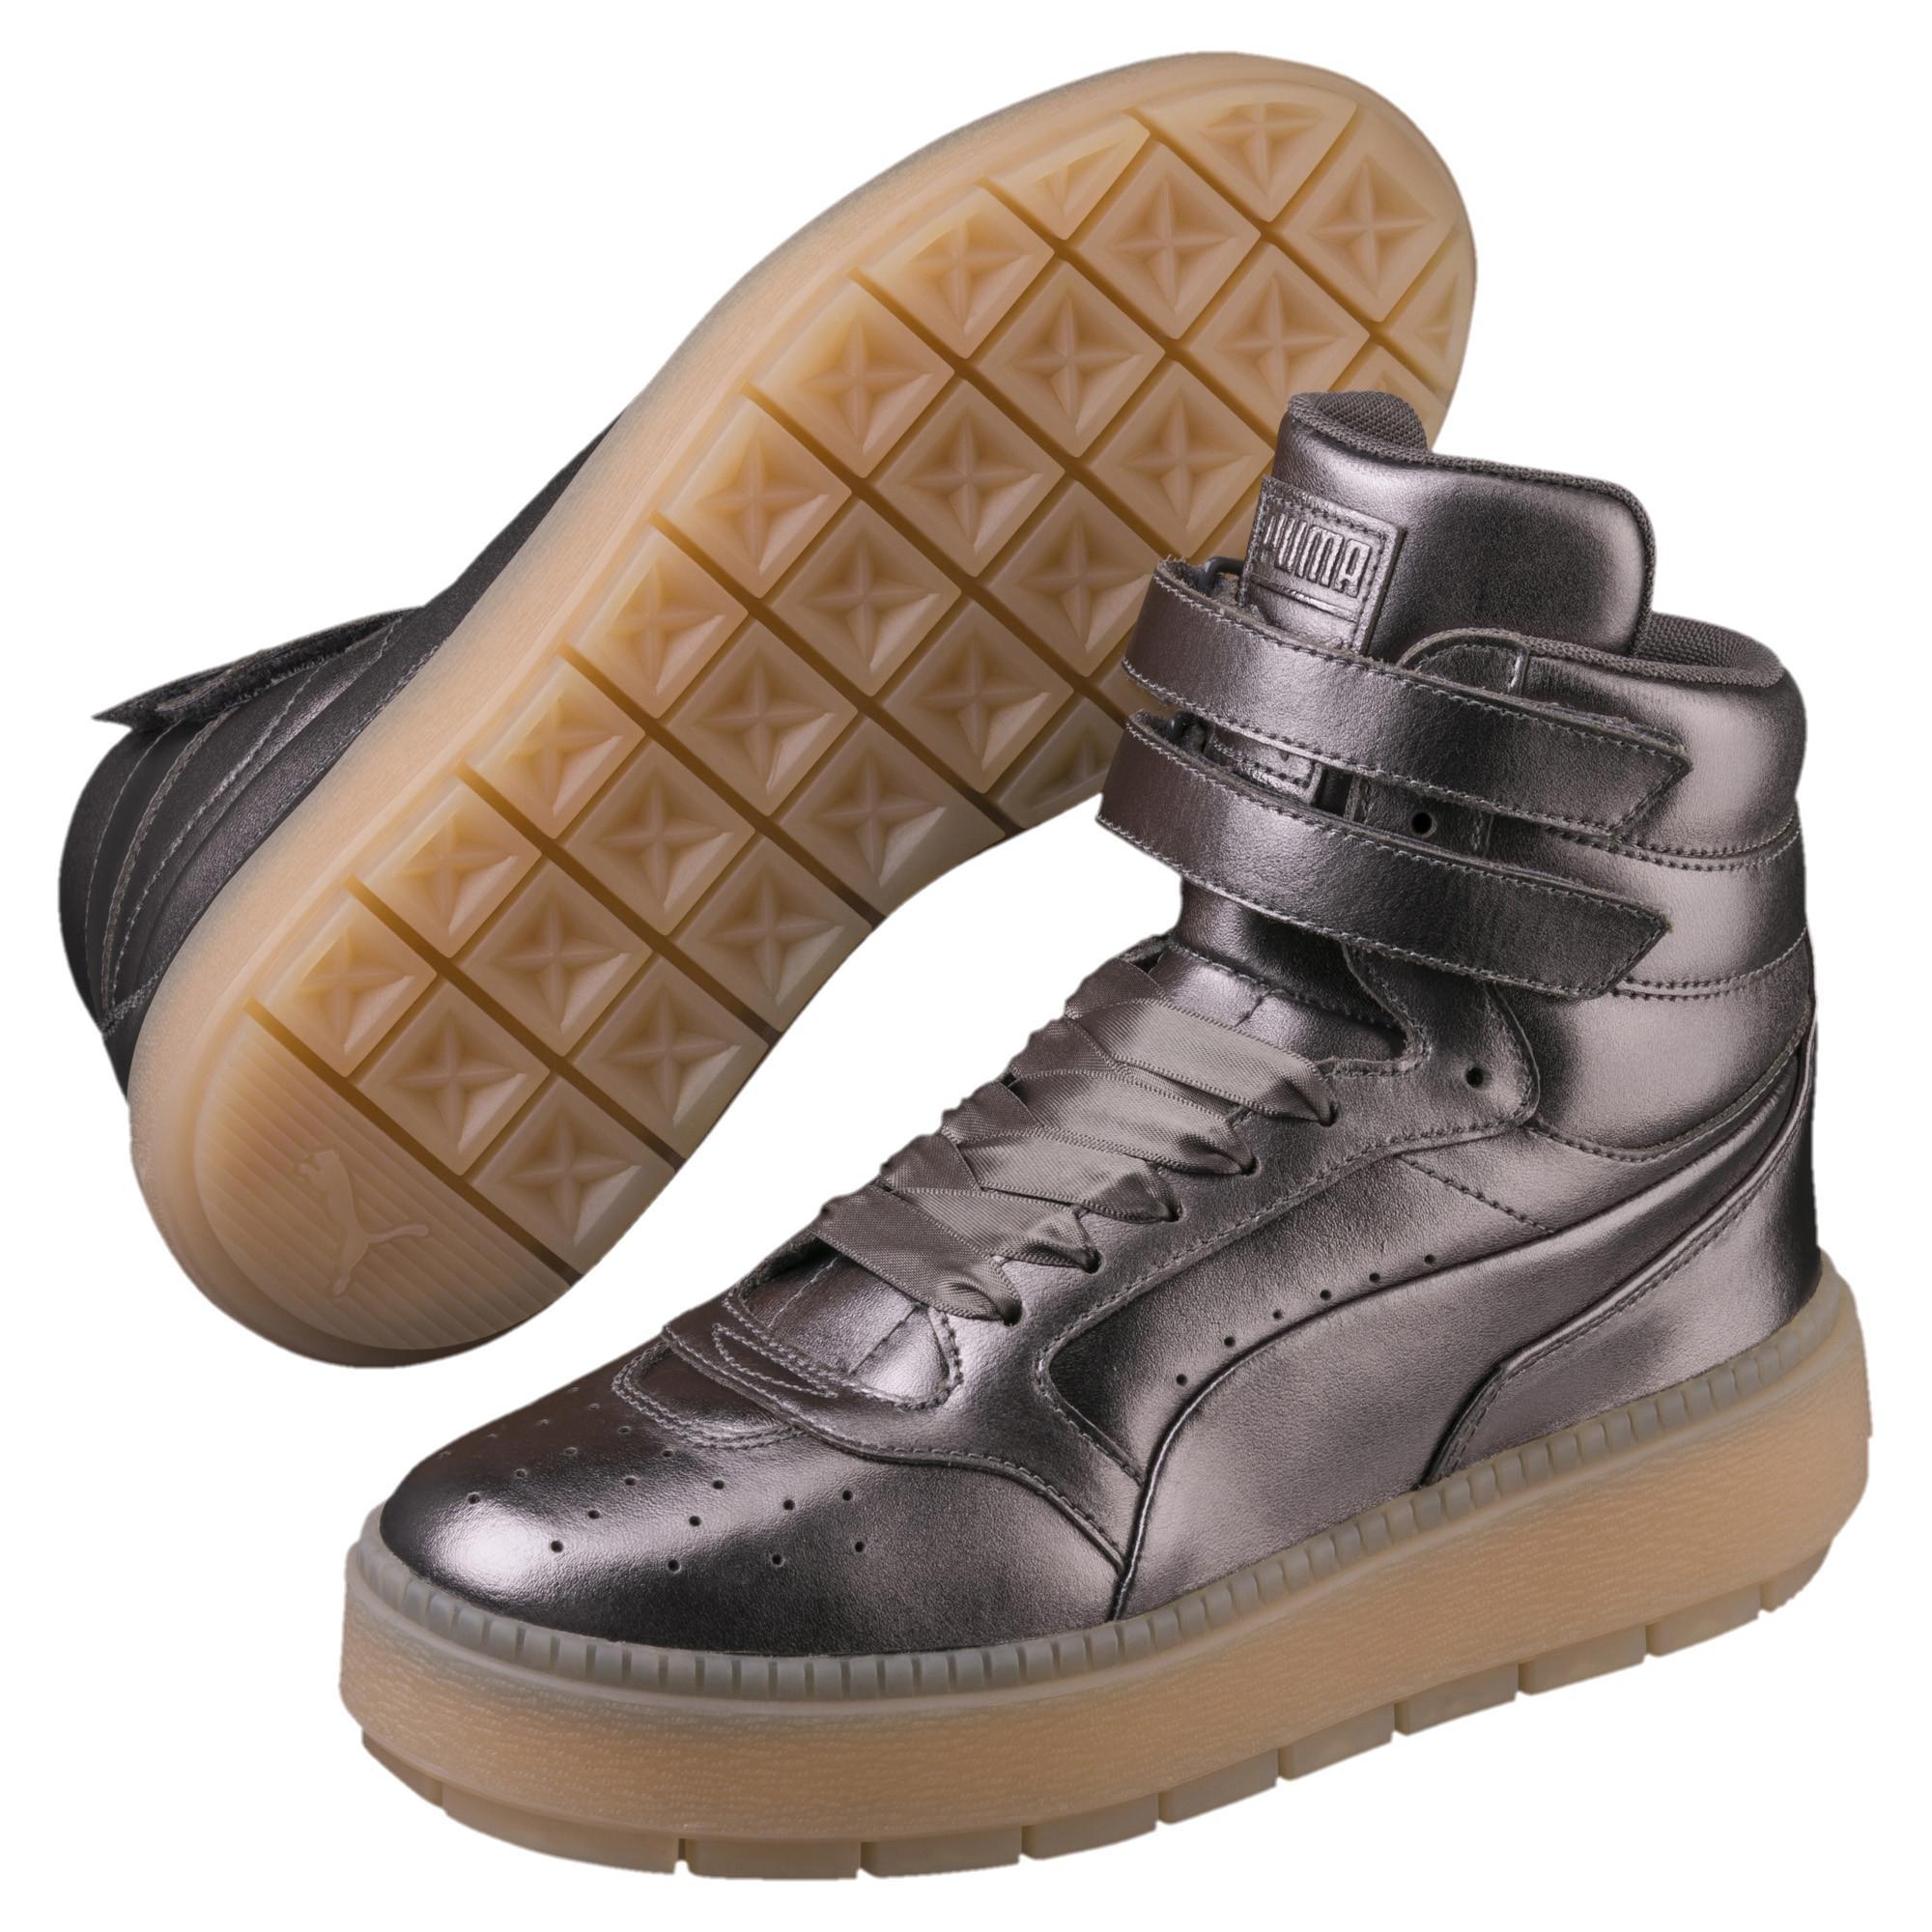 9693796dda81 ... Platform Trace Stmt Luxe Women s Sneakers - Lyst. View fullscreen